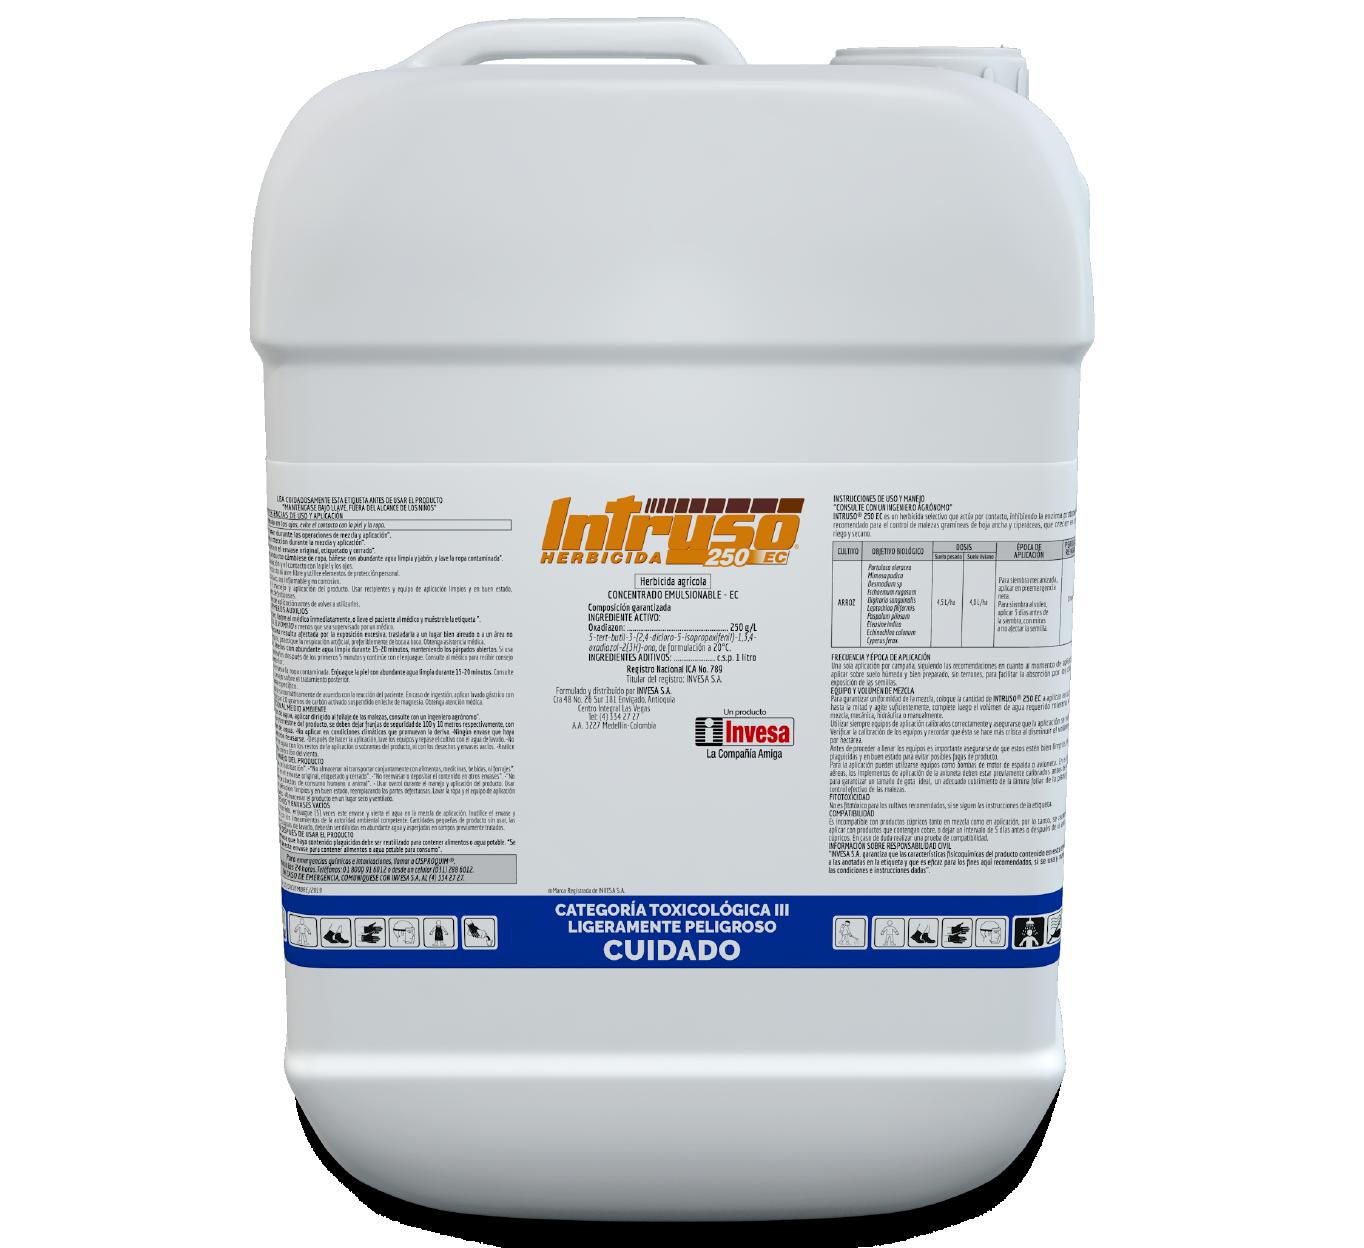 Herbicida intruso 250 ec invesa 20 litros